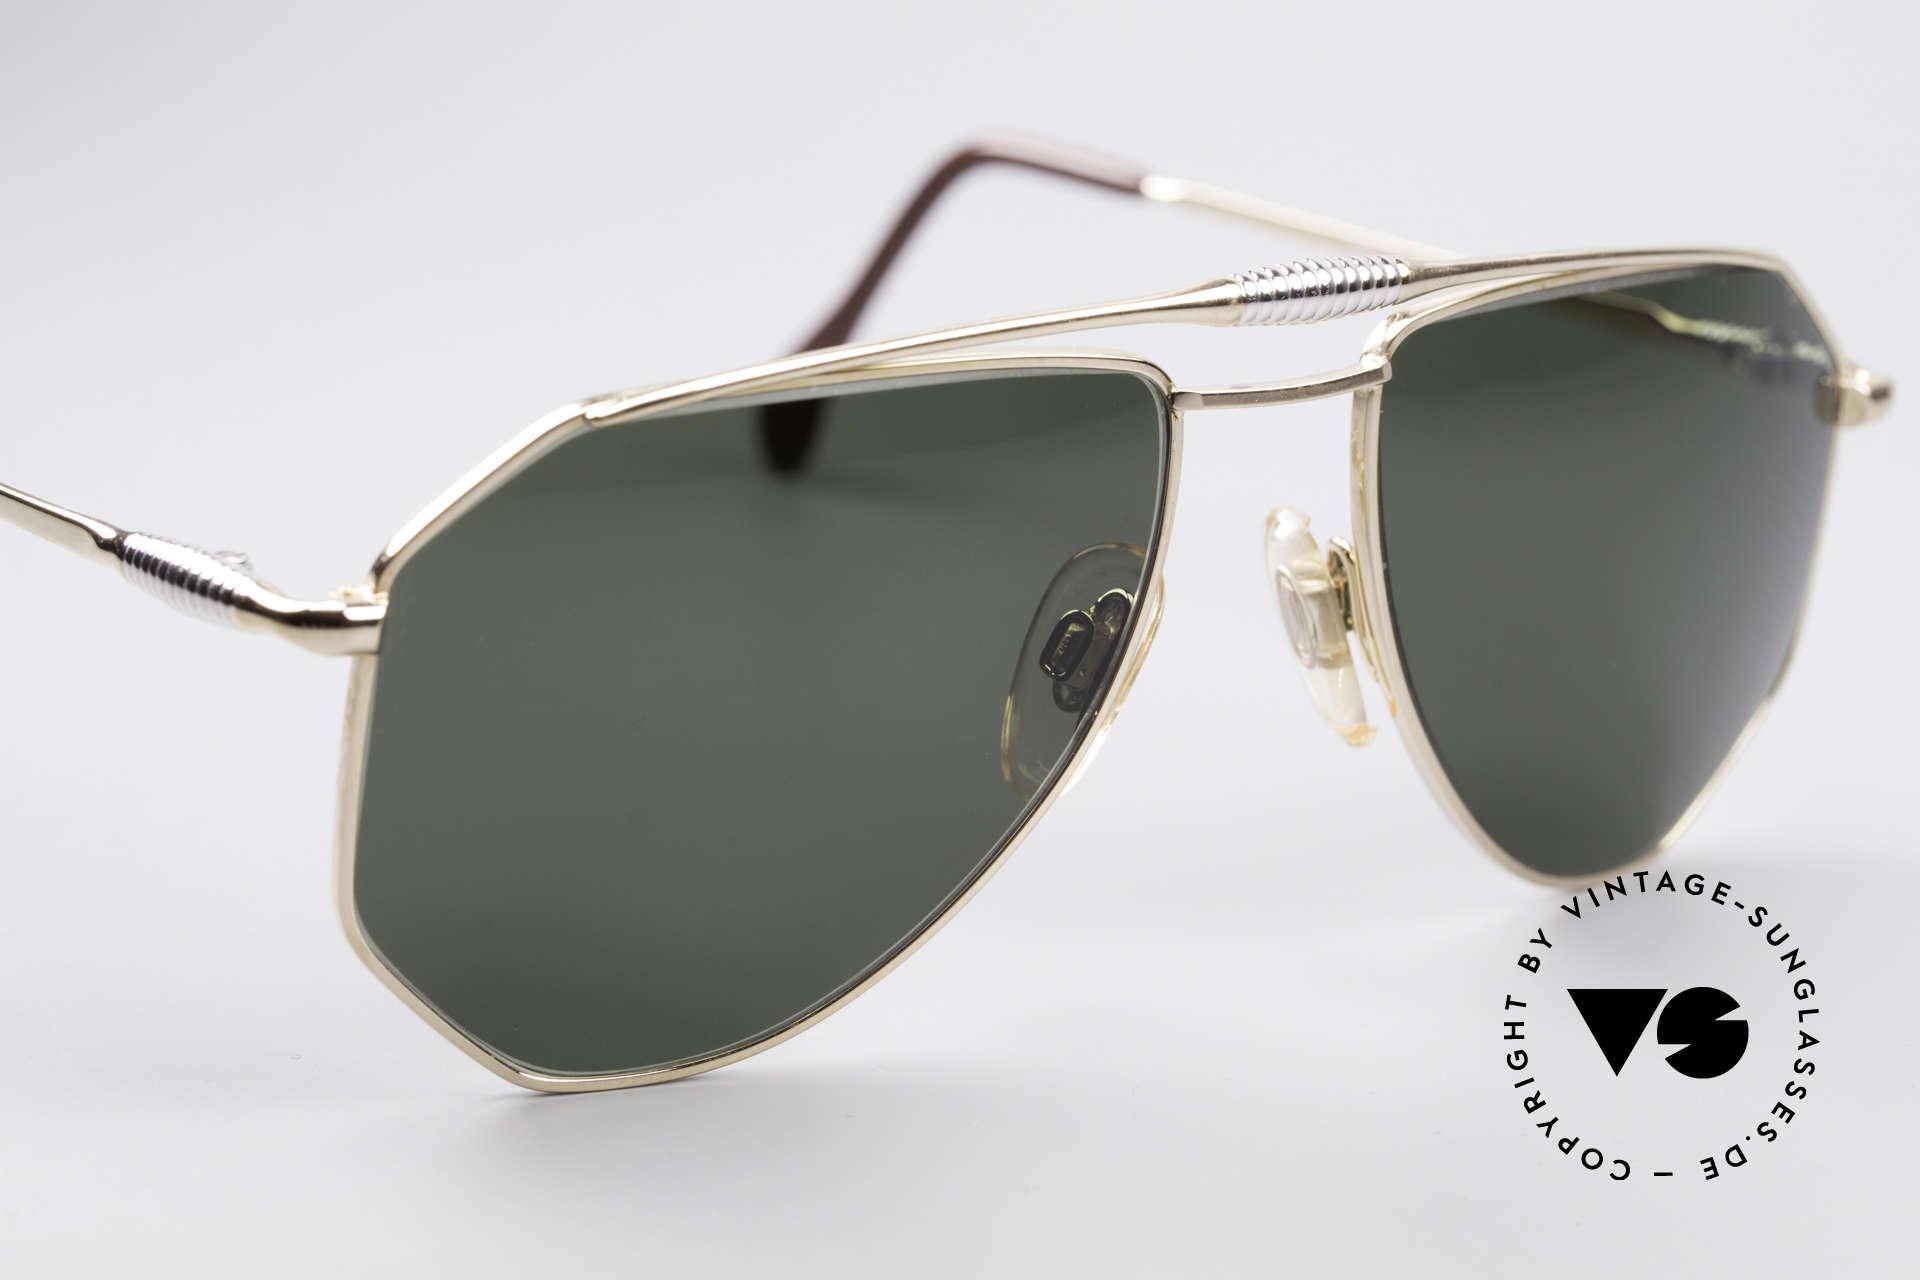 Zollitsch Cadre 120 Medium Piloten Sonnenbrille, KEINE Retrobrille; ein 30 Jahre altes Unikat, Gr. 56°18, Passend für Herren